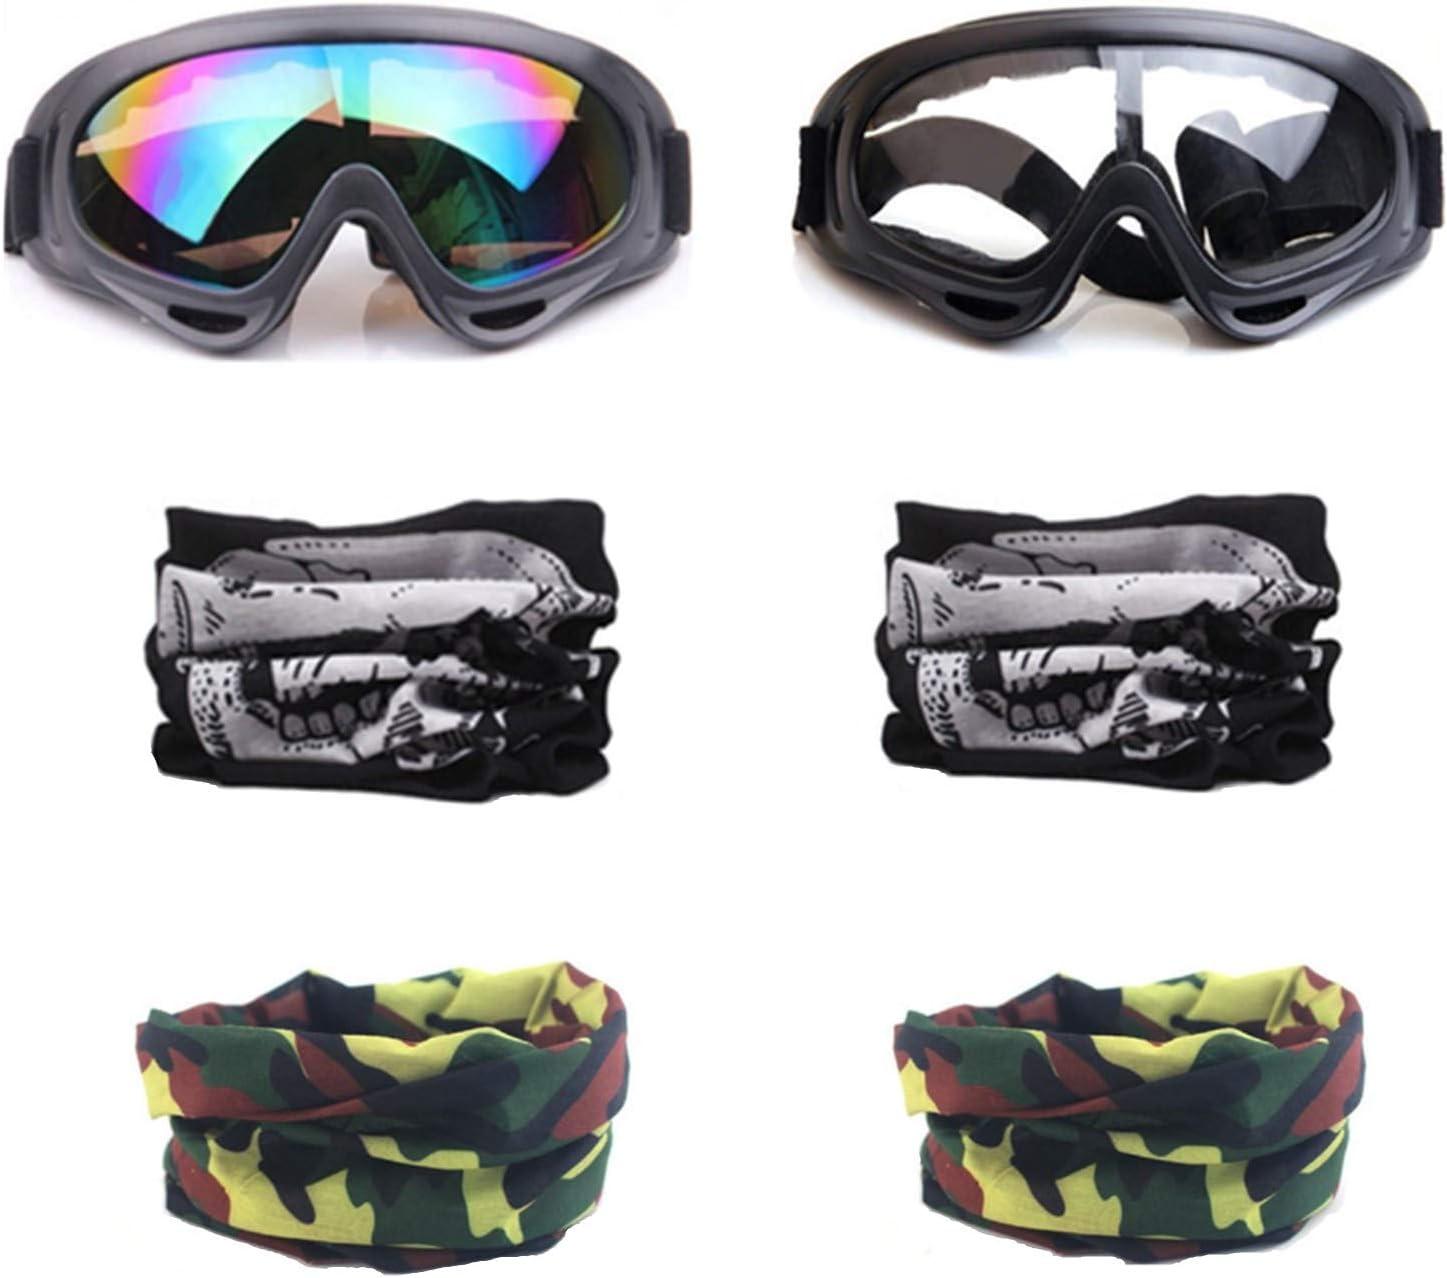 YAAVAAW 2 Piezas Gafas de Protección de Seguridad Y 4 Piezas Máscara Táctica Multifunción Ajustable para Nerf N-Strike Elite Gun Juguete Pistola Juego de Protección Ocular